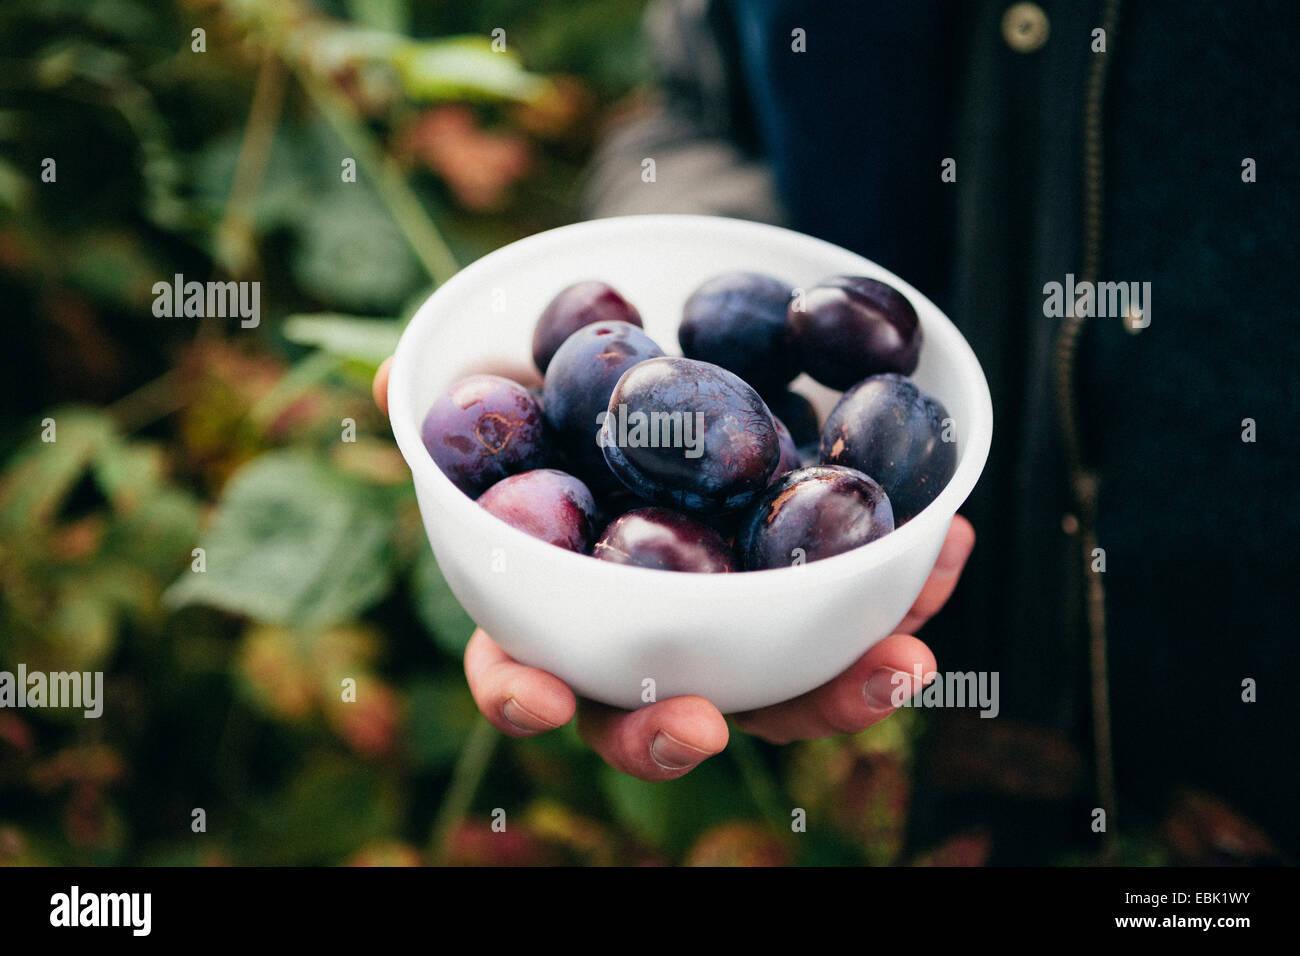 Persona in possesso di tazza di prugne fresche Immagini Stock